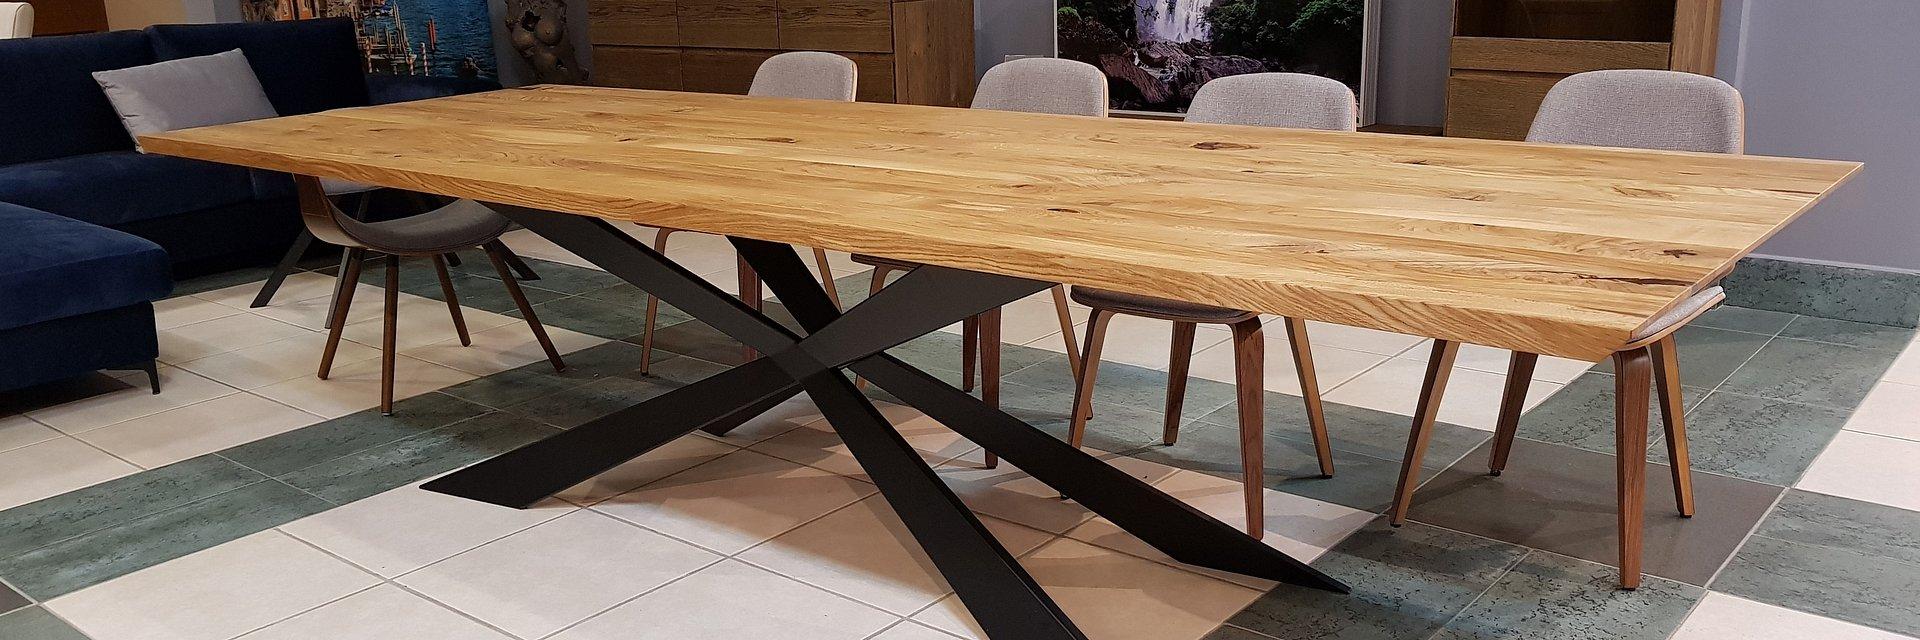 Jak wybrać stół z drewna?